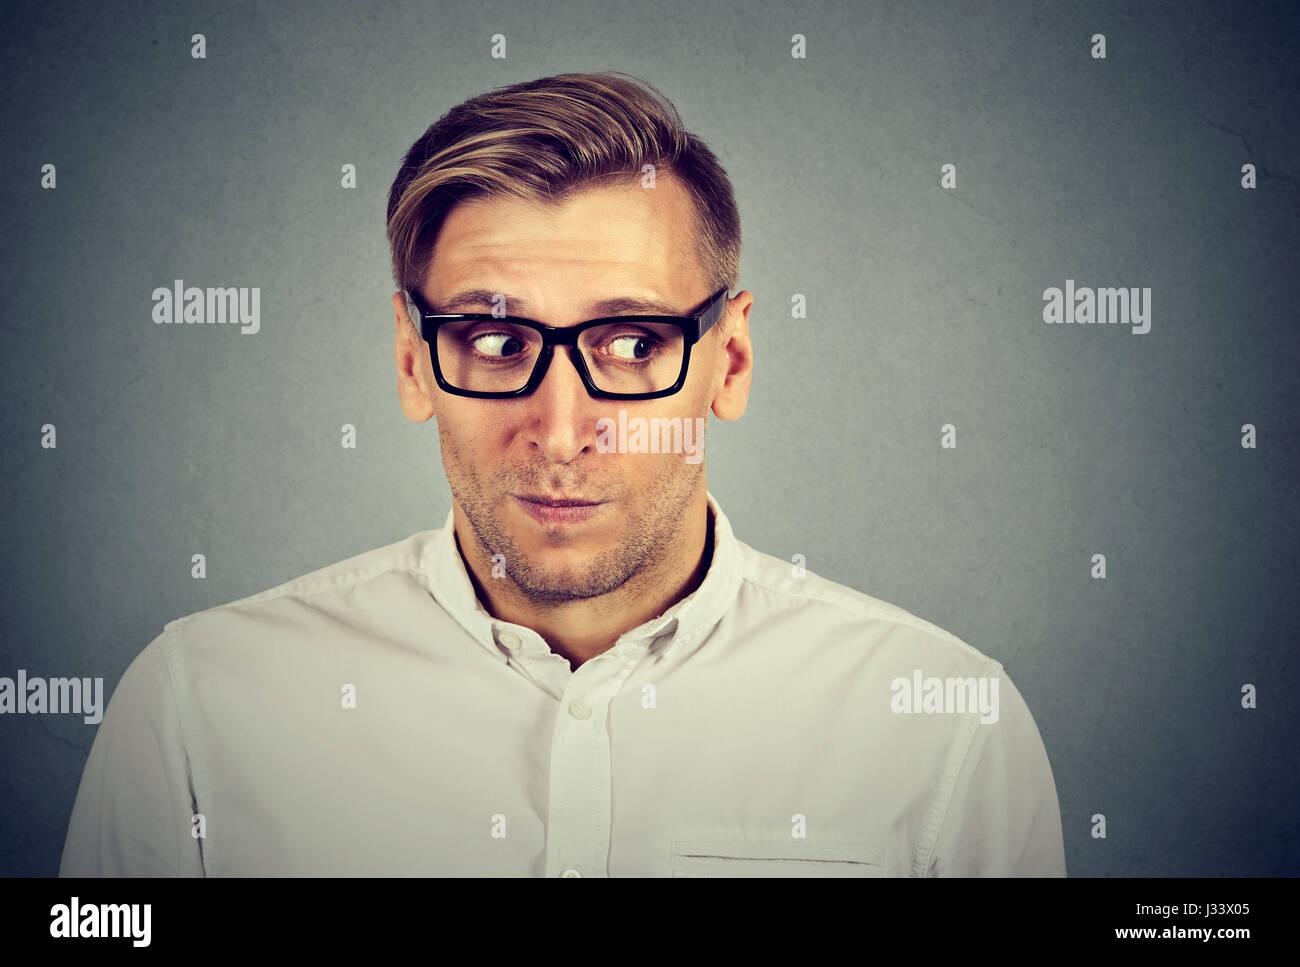 Beschäftigt besorgt Man unangenehme, peinliche Situation isoliert auf grauem Hintergrund. Negative Emotionen Stockbild